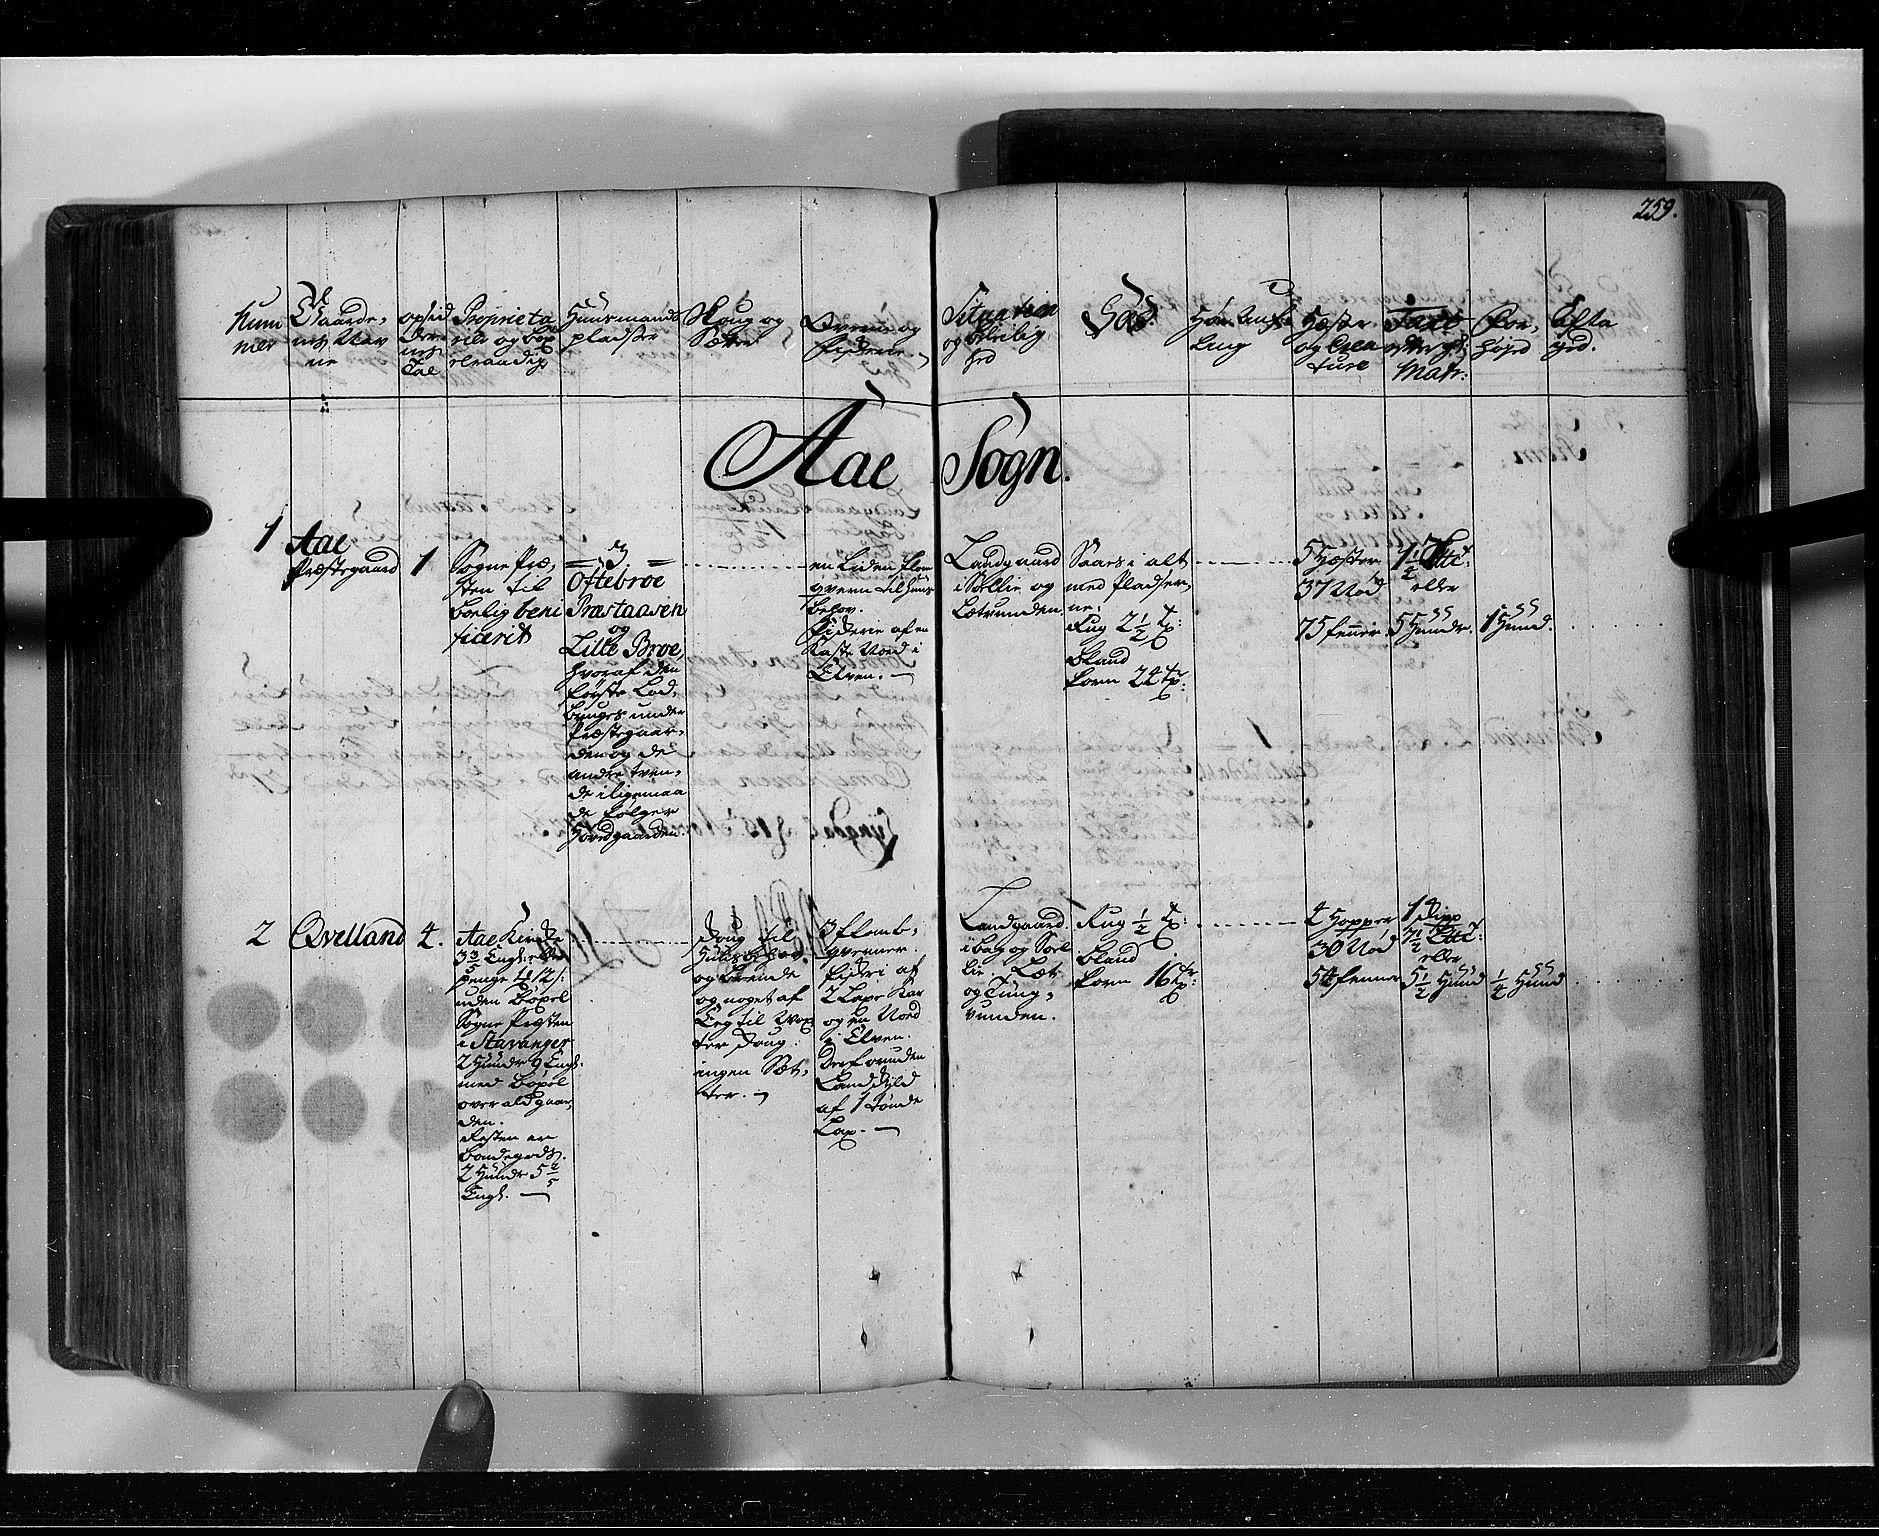 RA, Rentekammeret inntil 1814, Realistisk ordnet avdeling, N/Nb/Nbf/L0129: Lista eksaminasjonsprotokoll, 1723, s. 258b-259a